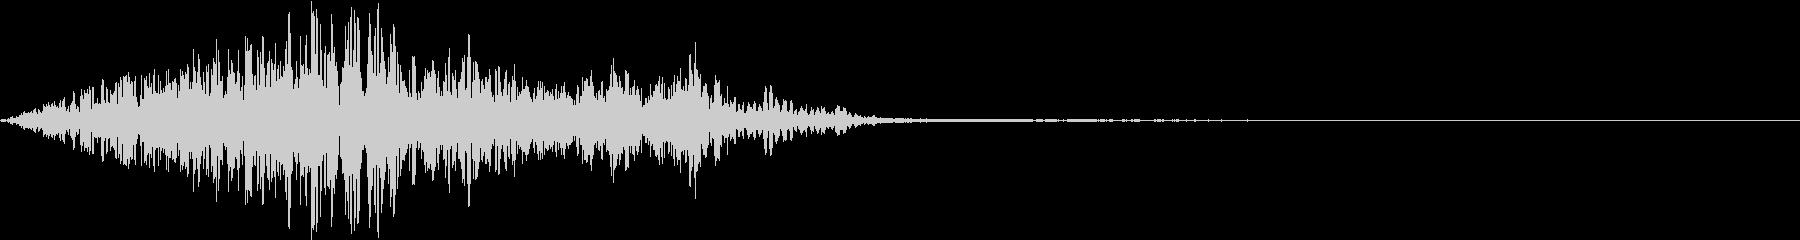 タイトルロゴに合うサウンド_08の未再生の波形